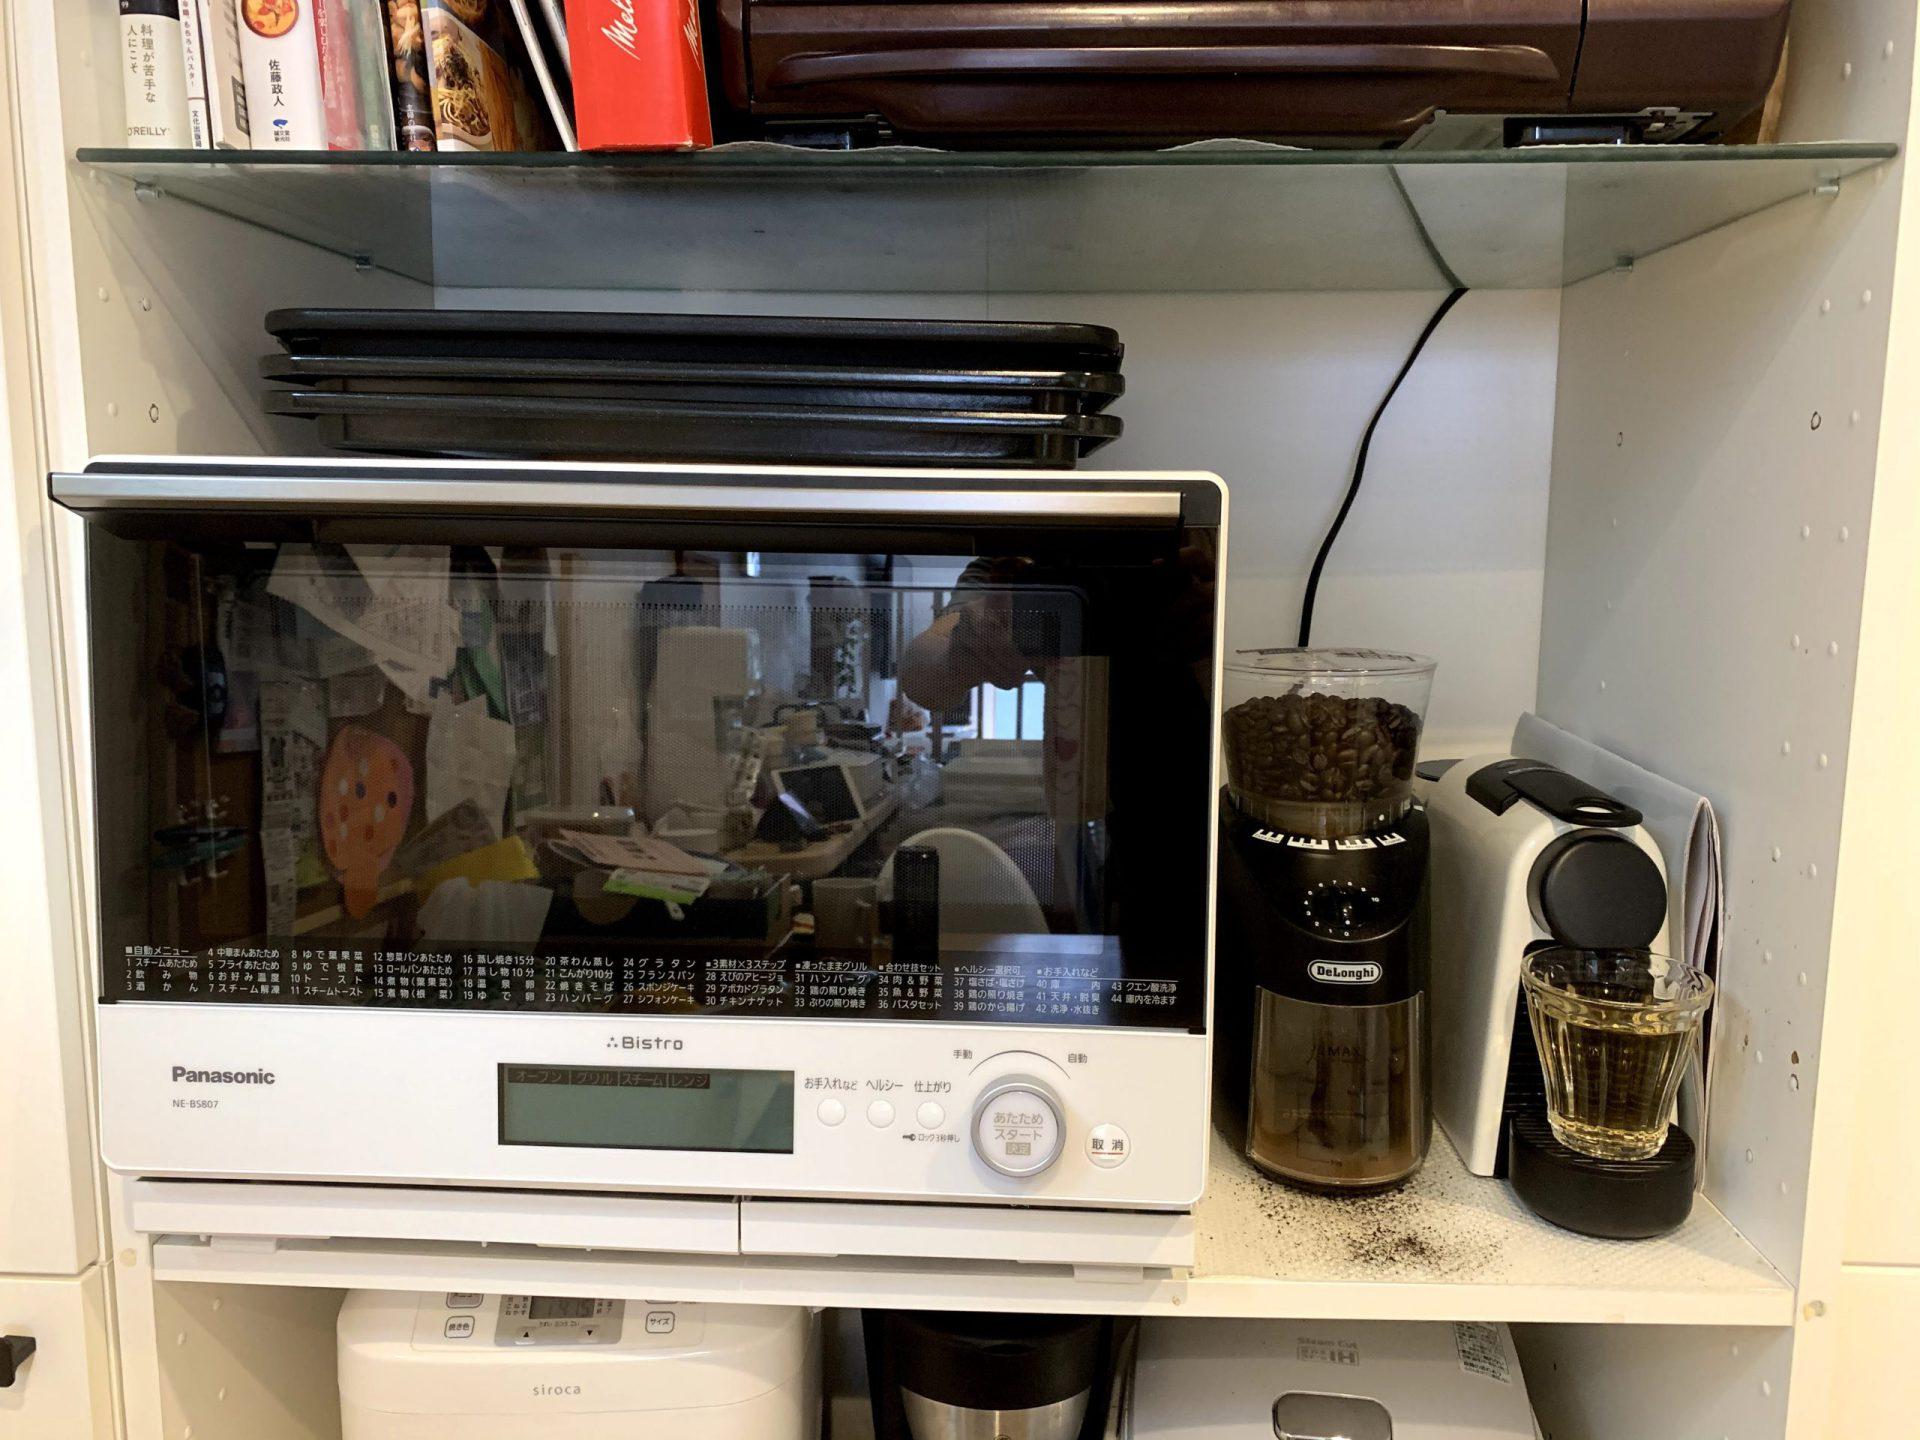 【レビュー】東芝のオーブンが壊れたのでパナソニックのビストロに買い替えて使ってみた感想